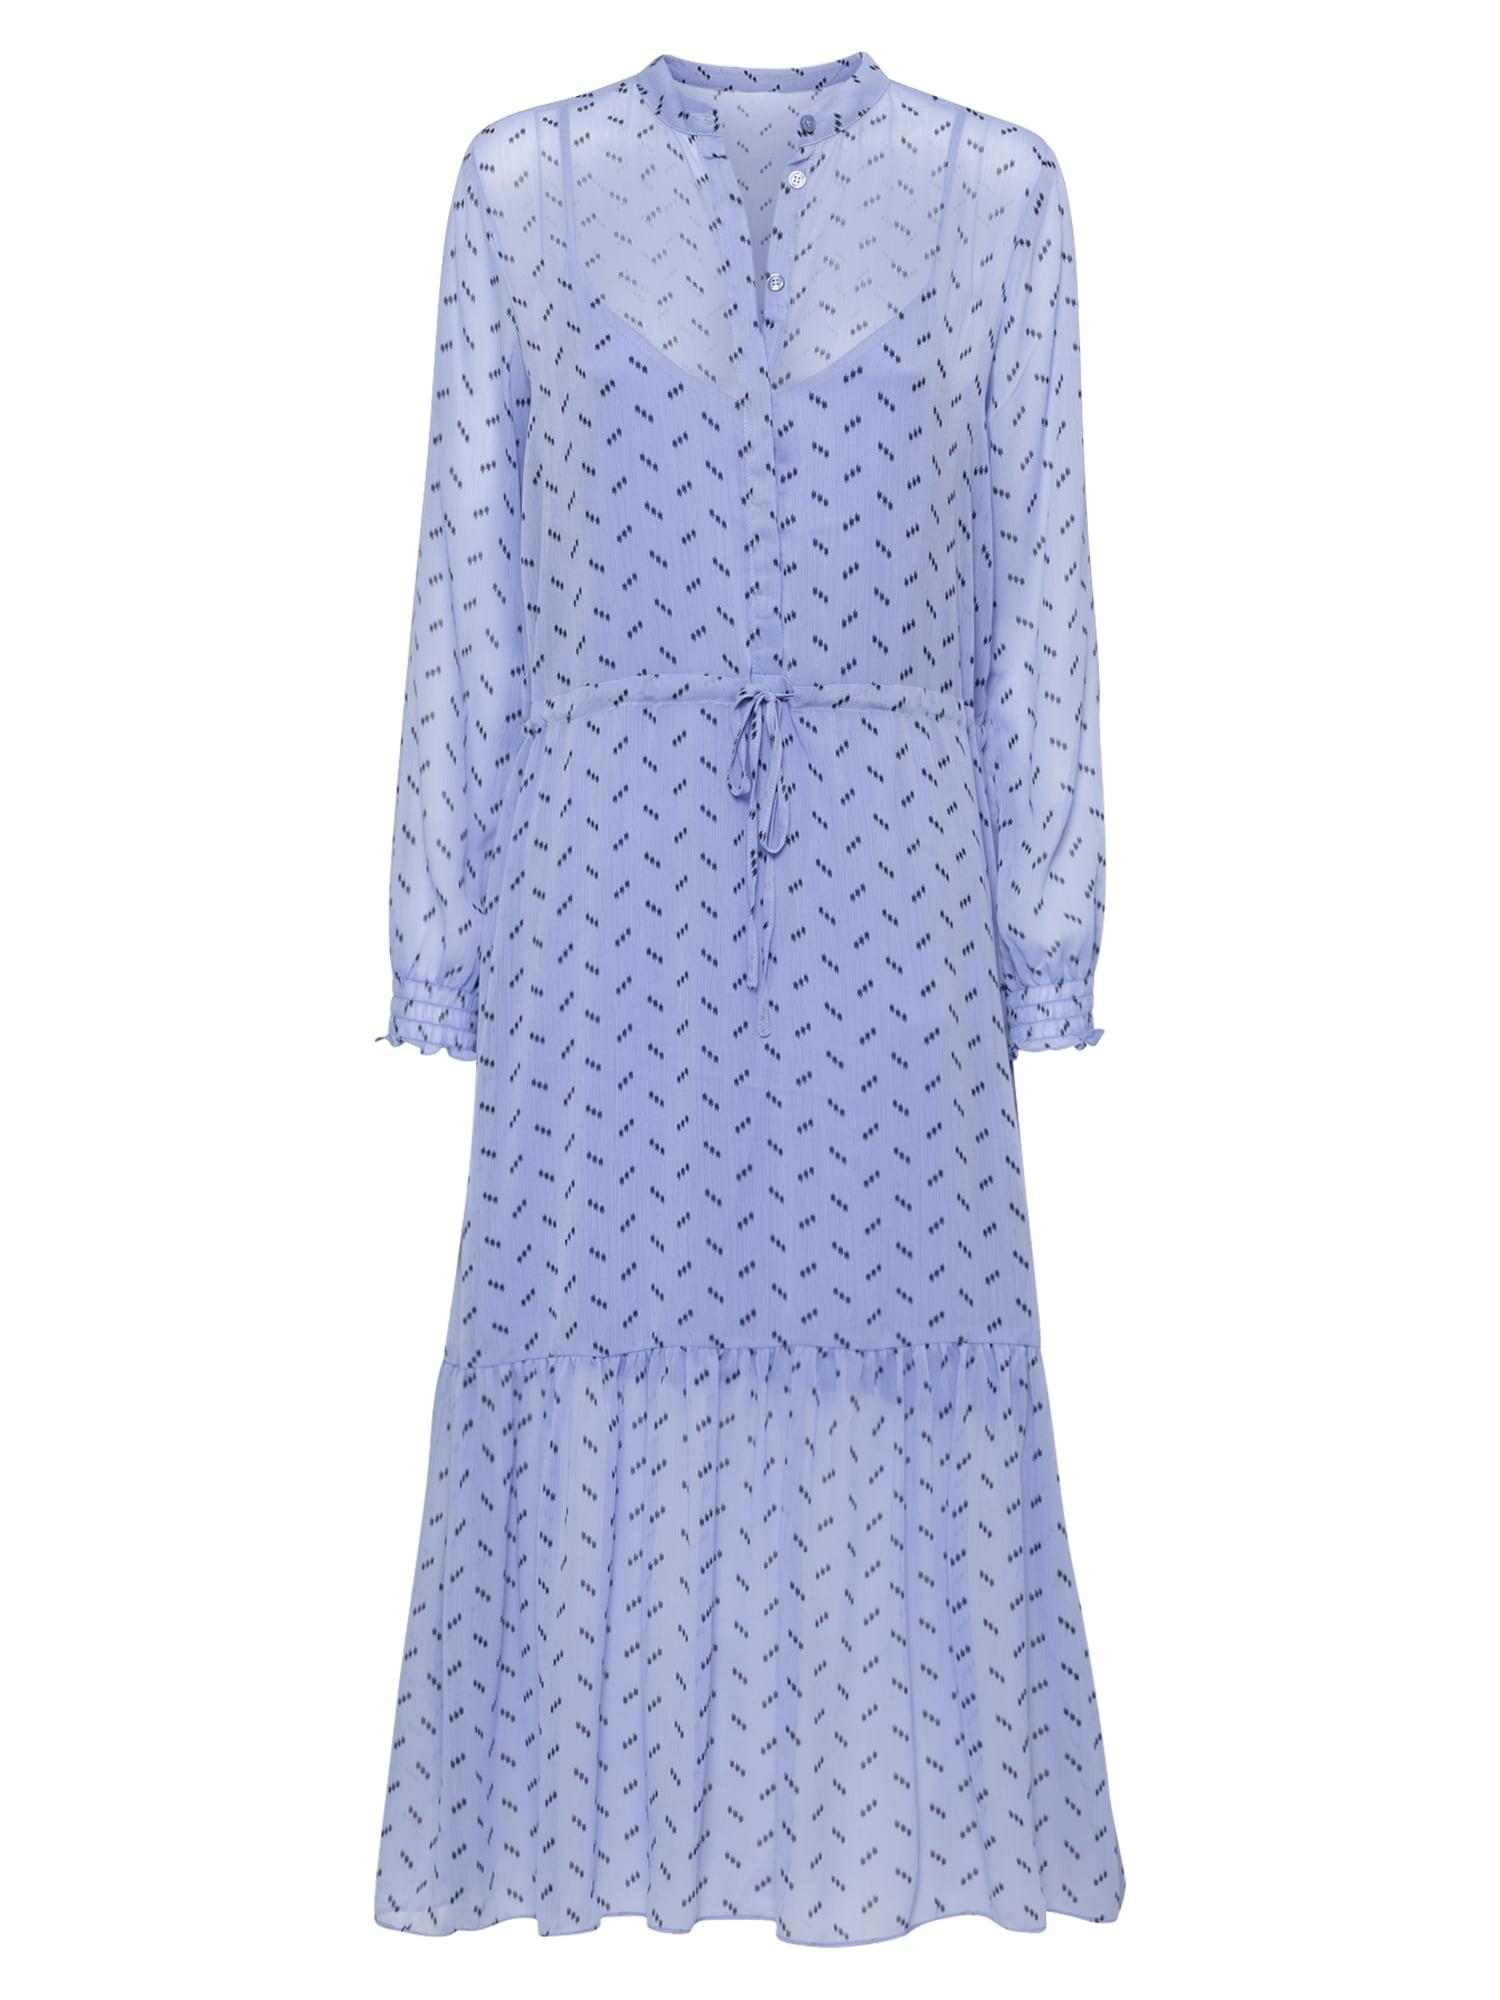 mbym Robe-chemise 'Diaz'  - Bleu - Taille: M - female